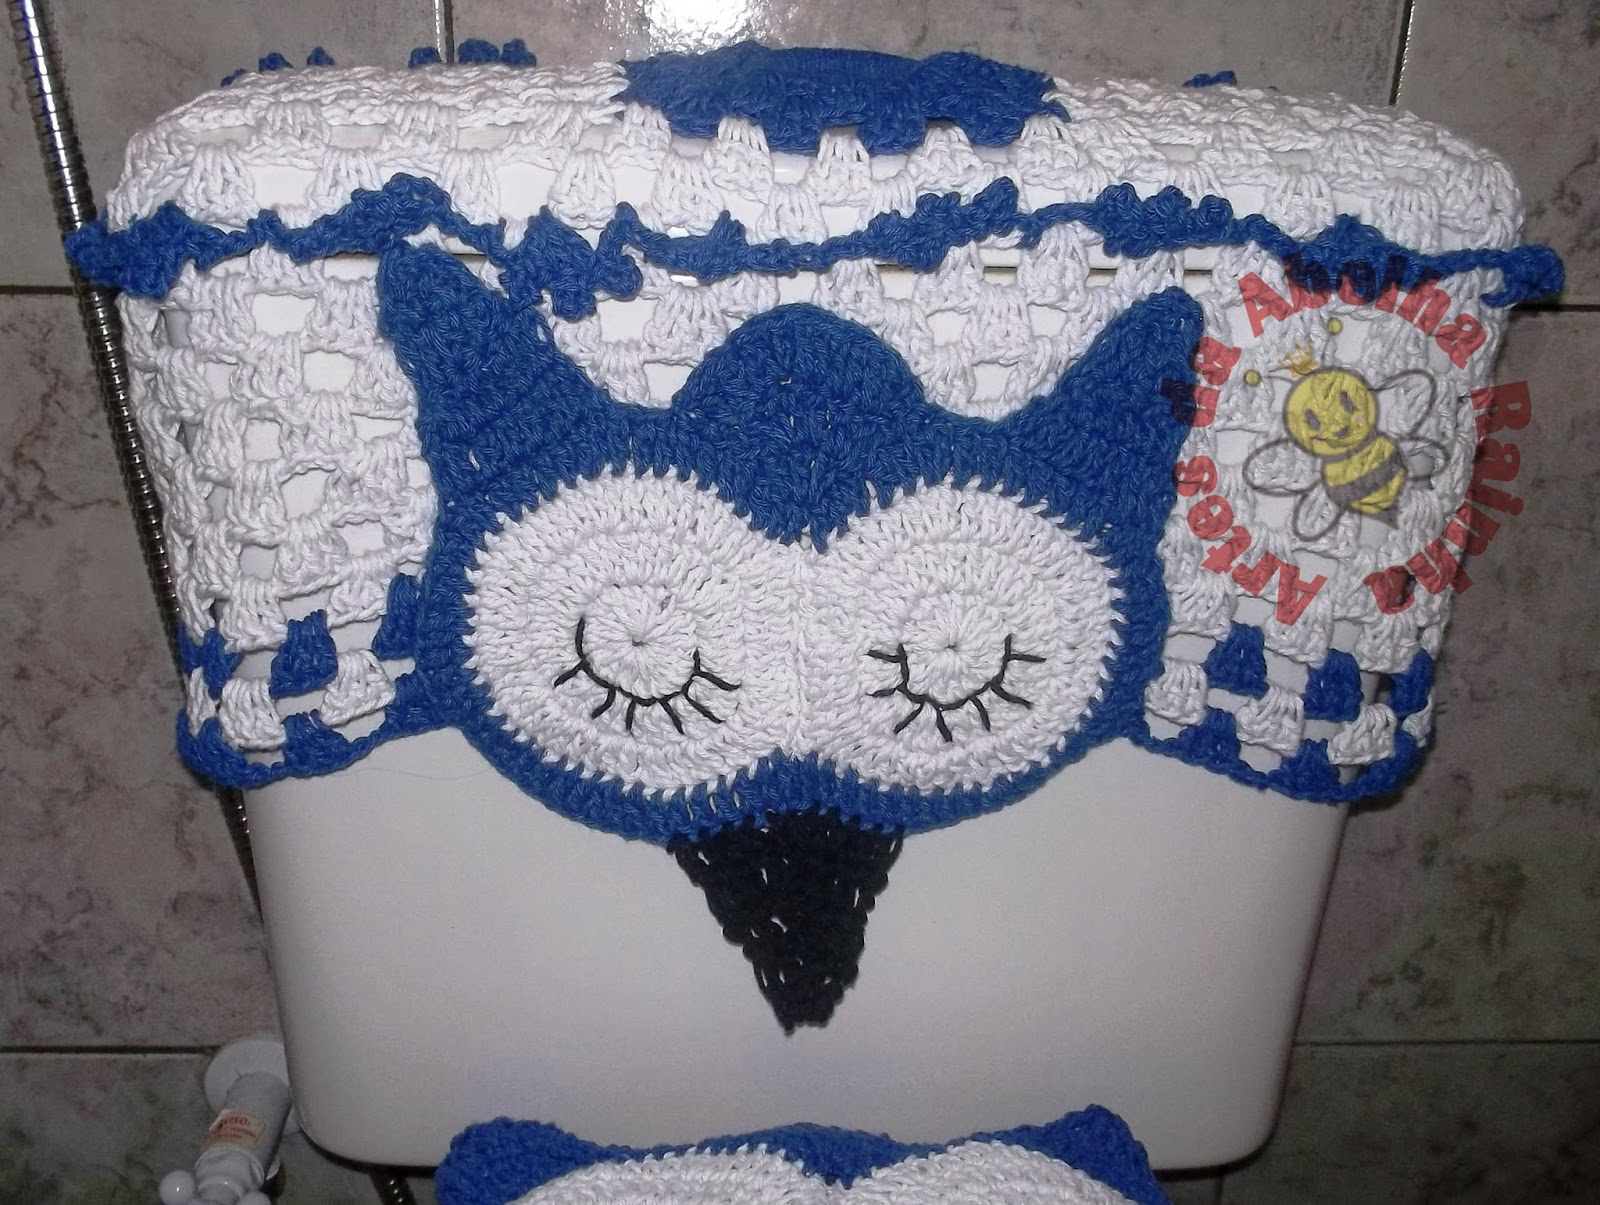 da Abelha Rainha: Jogo de Banheiro Corujas Dorminhocas(Branco e Azul #223B6E 1600x1205 Banheiro Branco E Azul